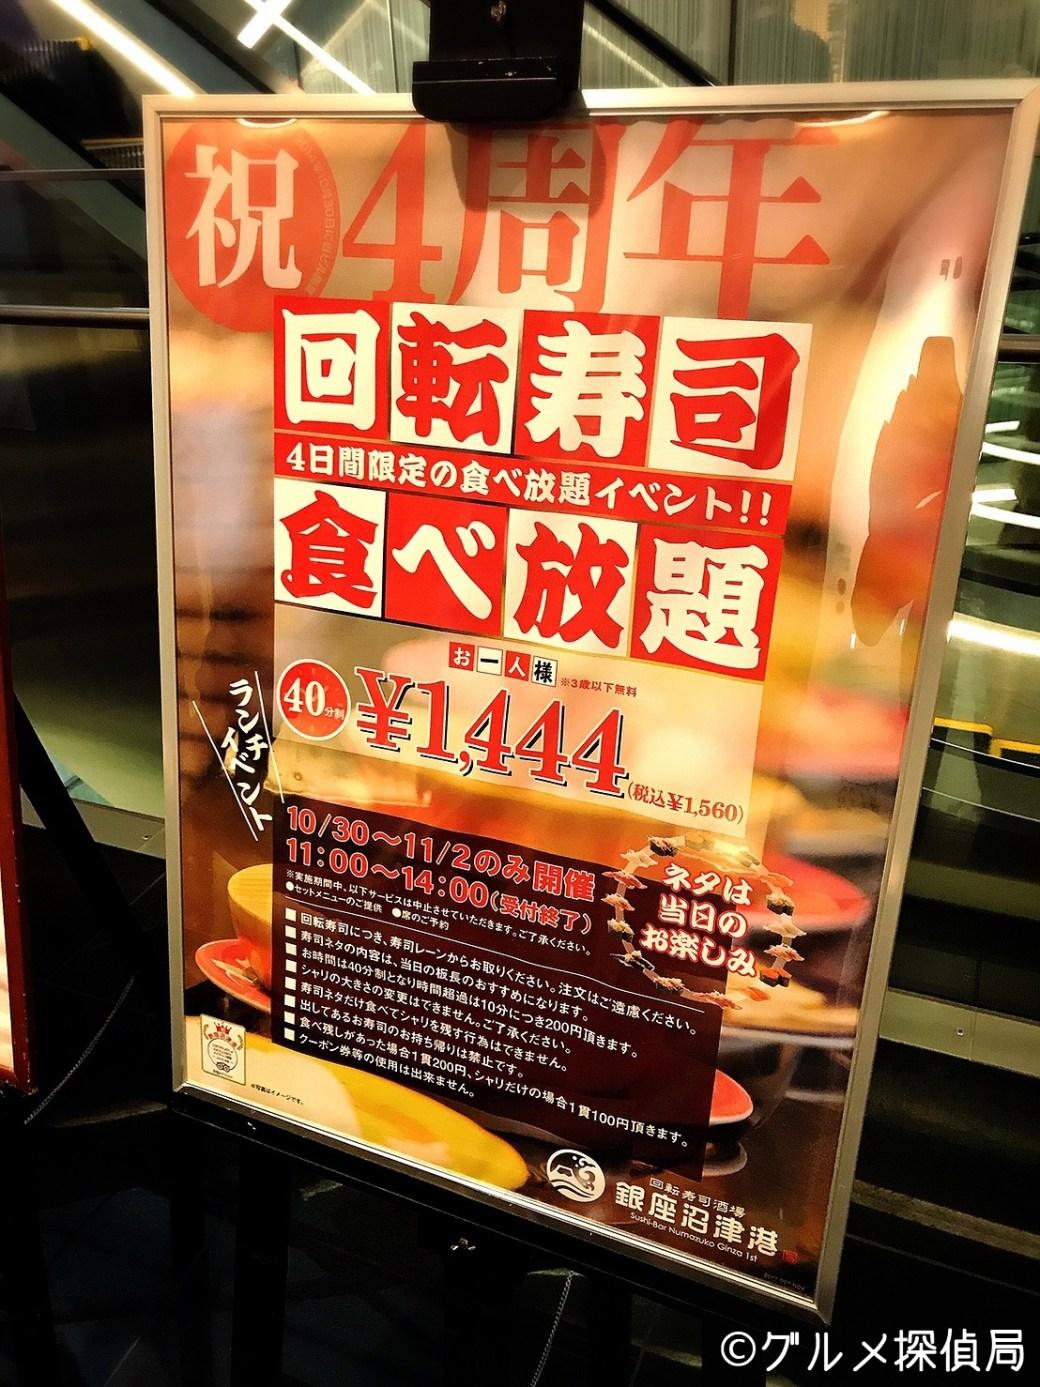 グルメ探偵局|1444円で回転寿司食べ放題!キラリトギンザの銀座沼津港で4日間限定の4周年イベント!